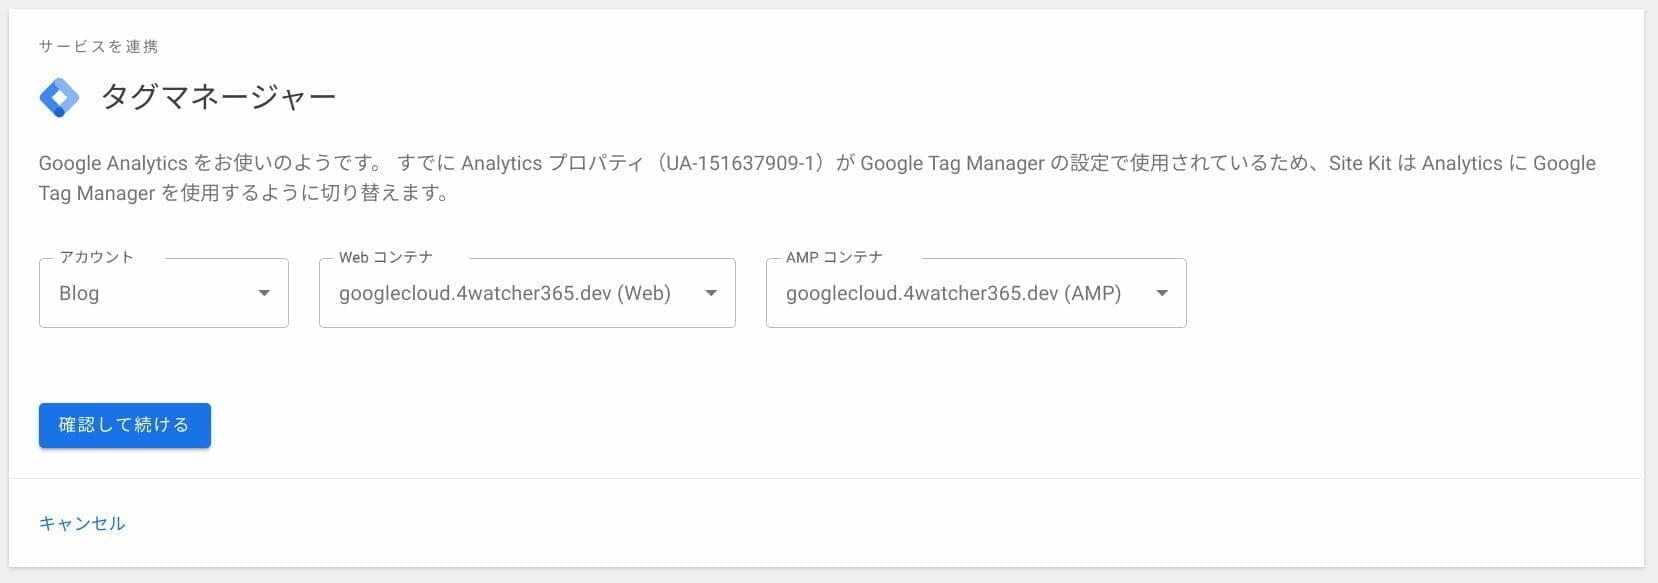 Site Kit:Google タグマネージャーのコンテナと連携